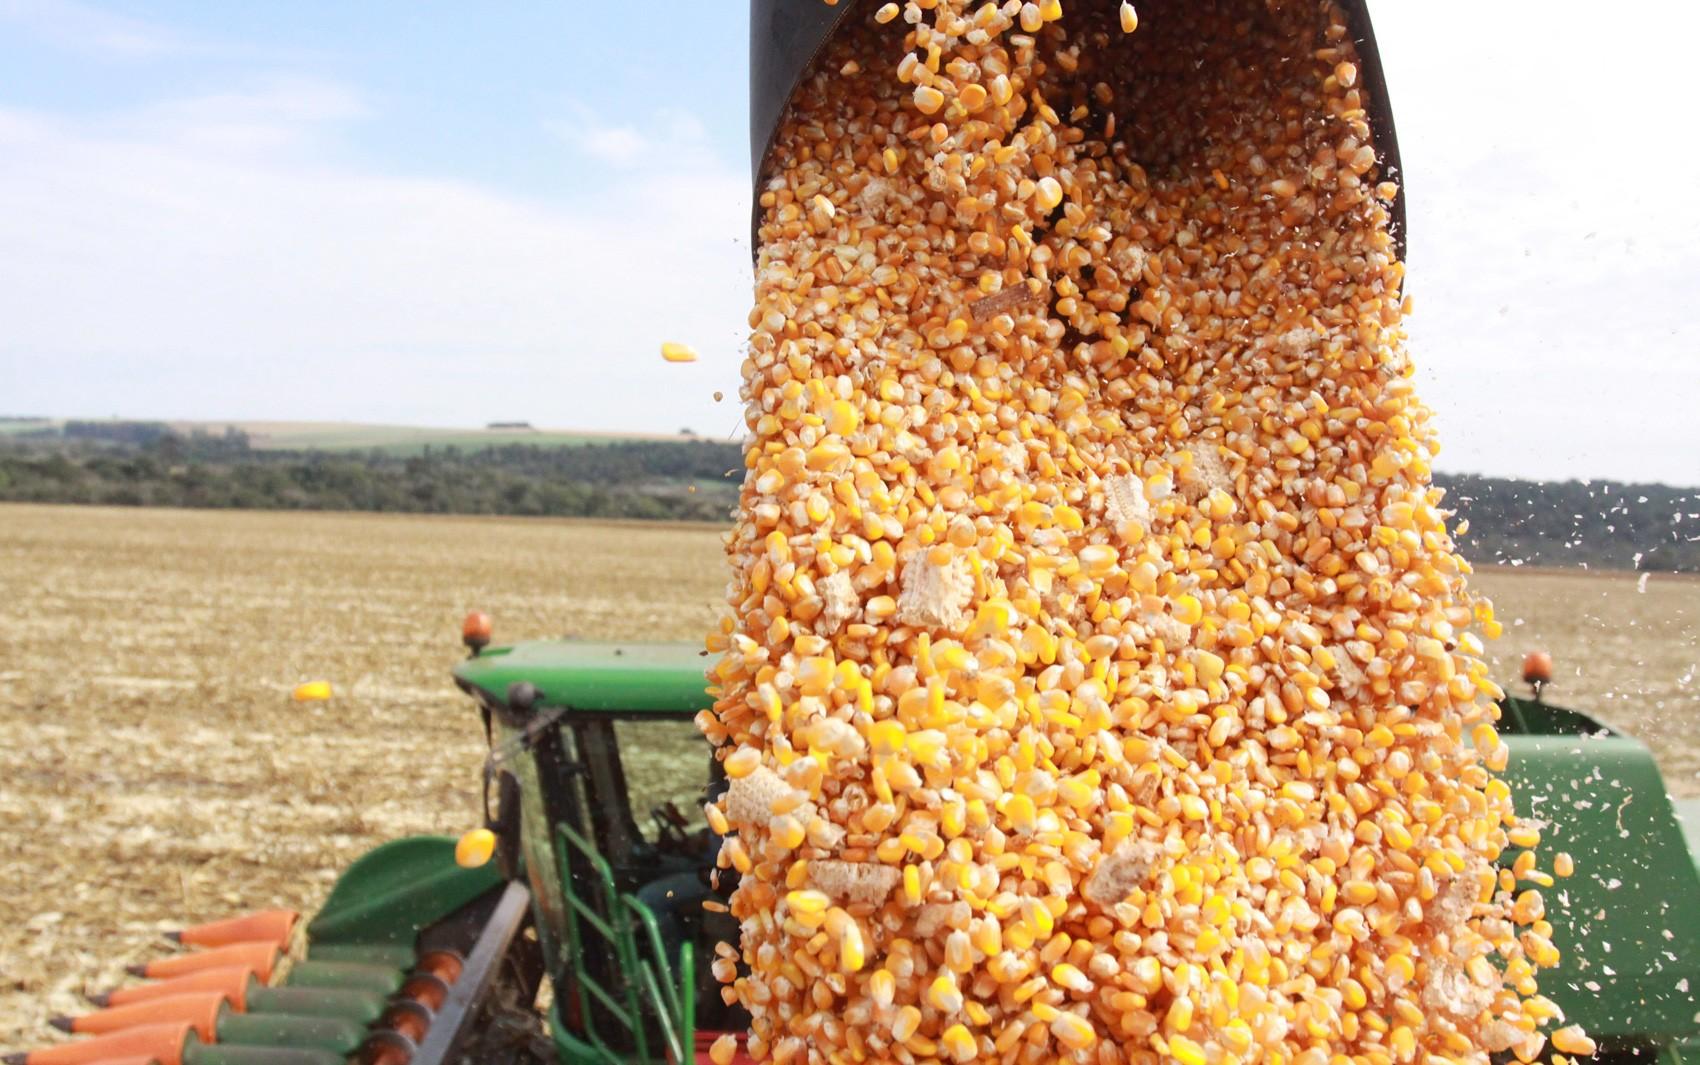 UE aplica tarifa às importações de milho após forte queda nos preços